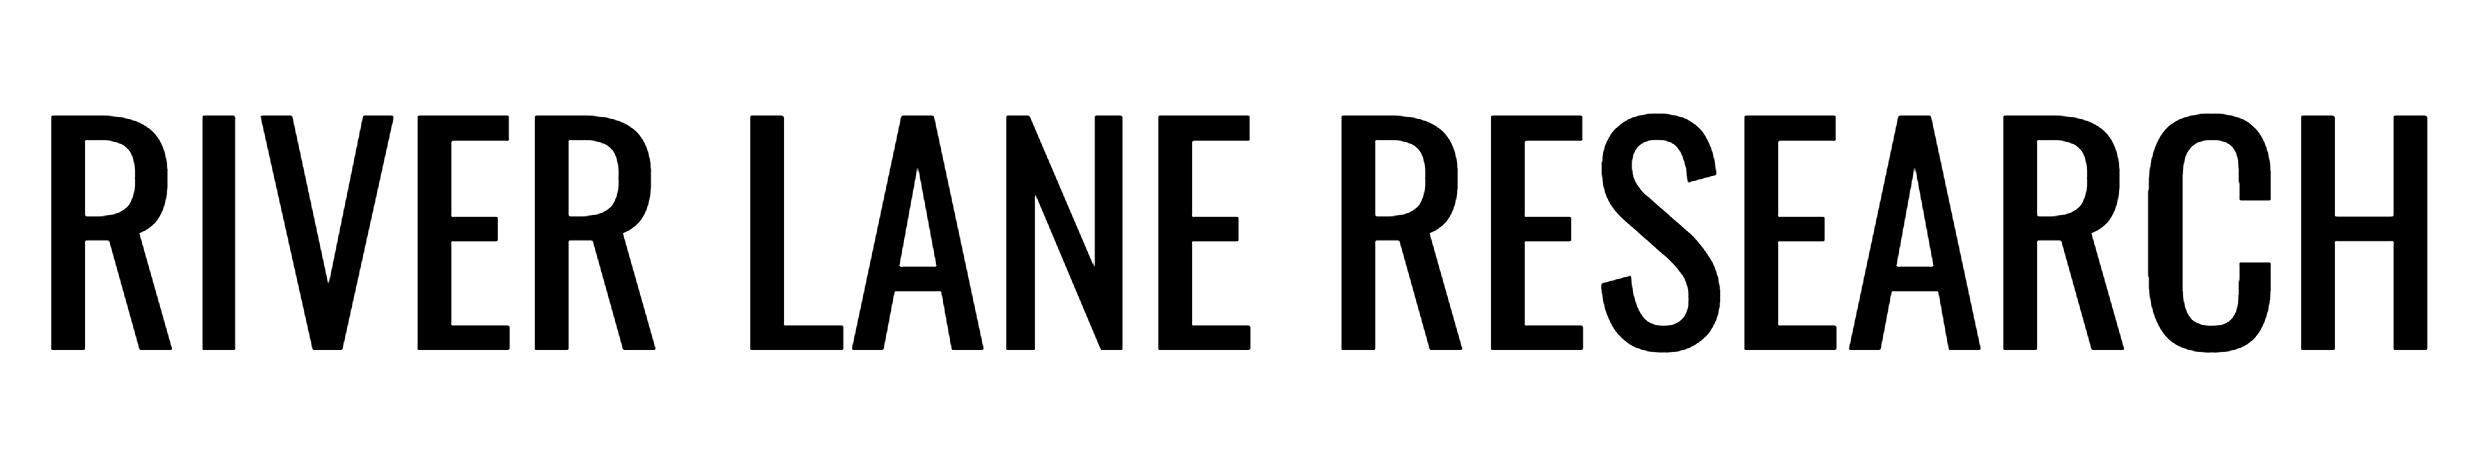 River Lane